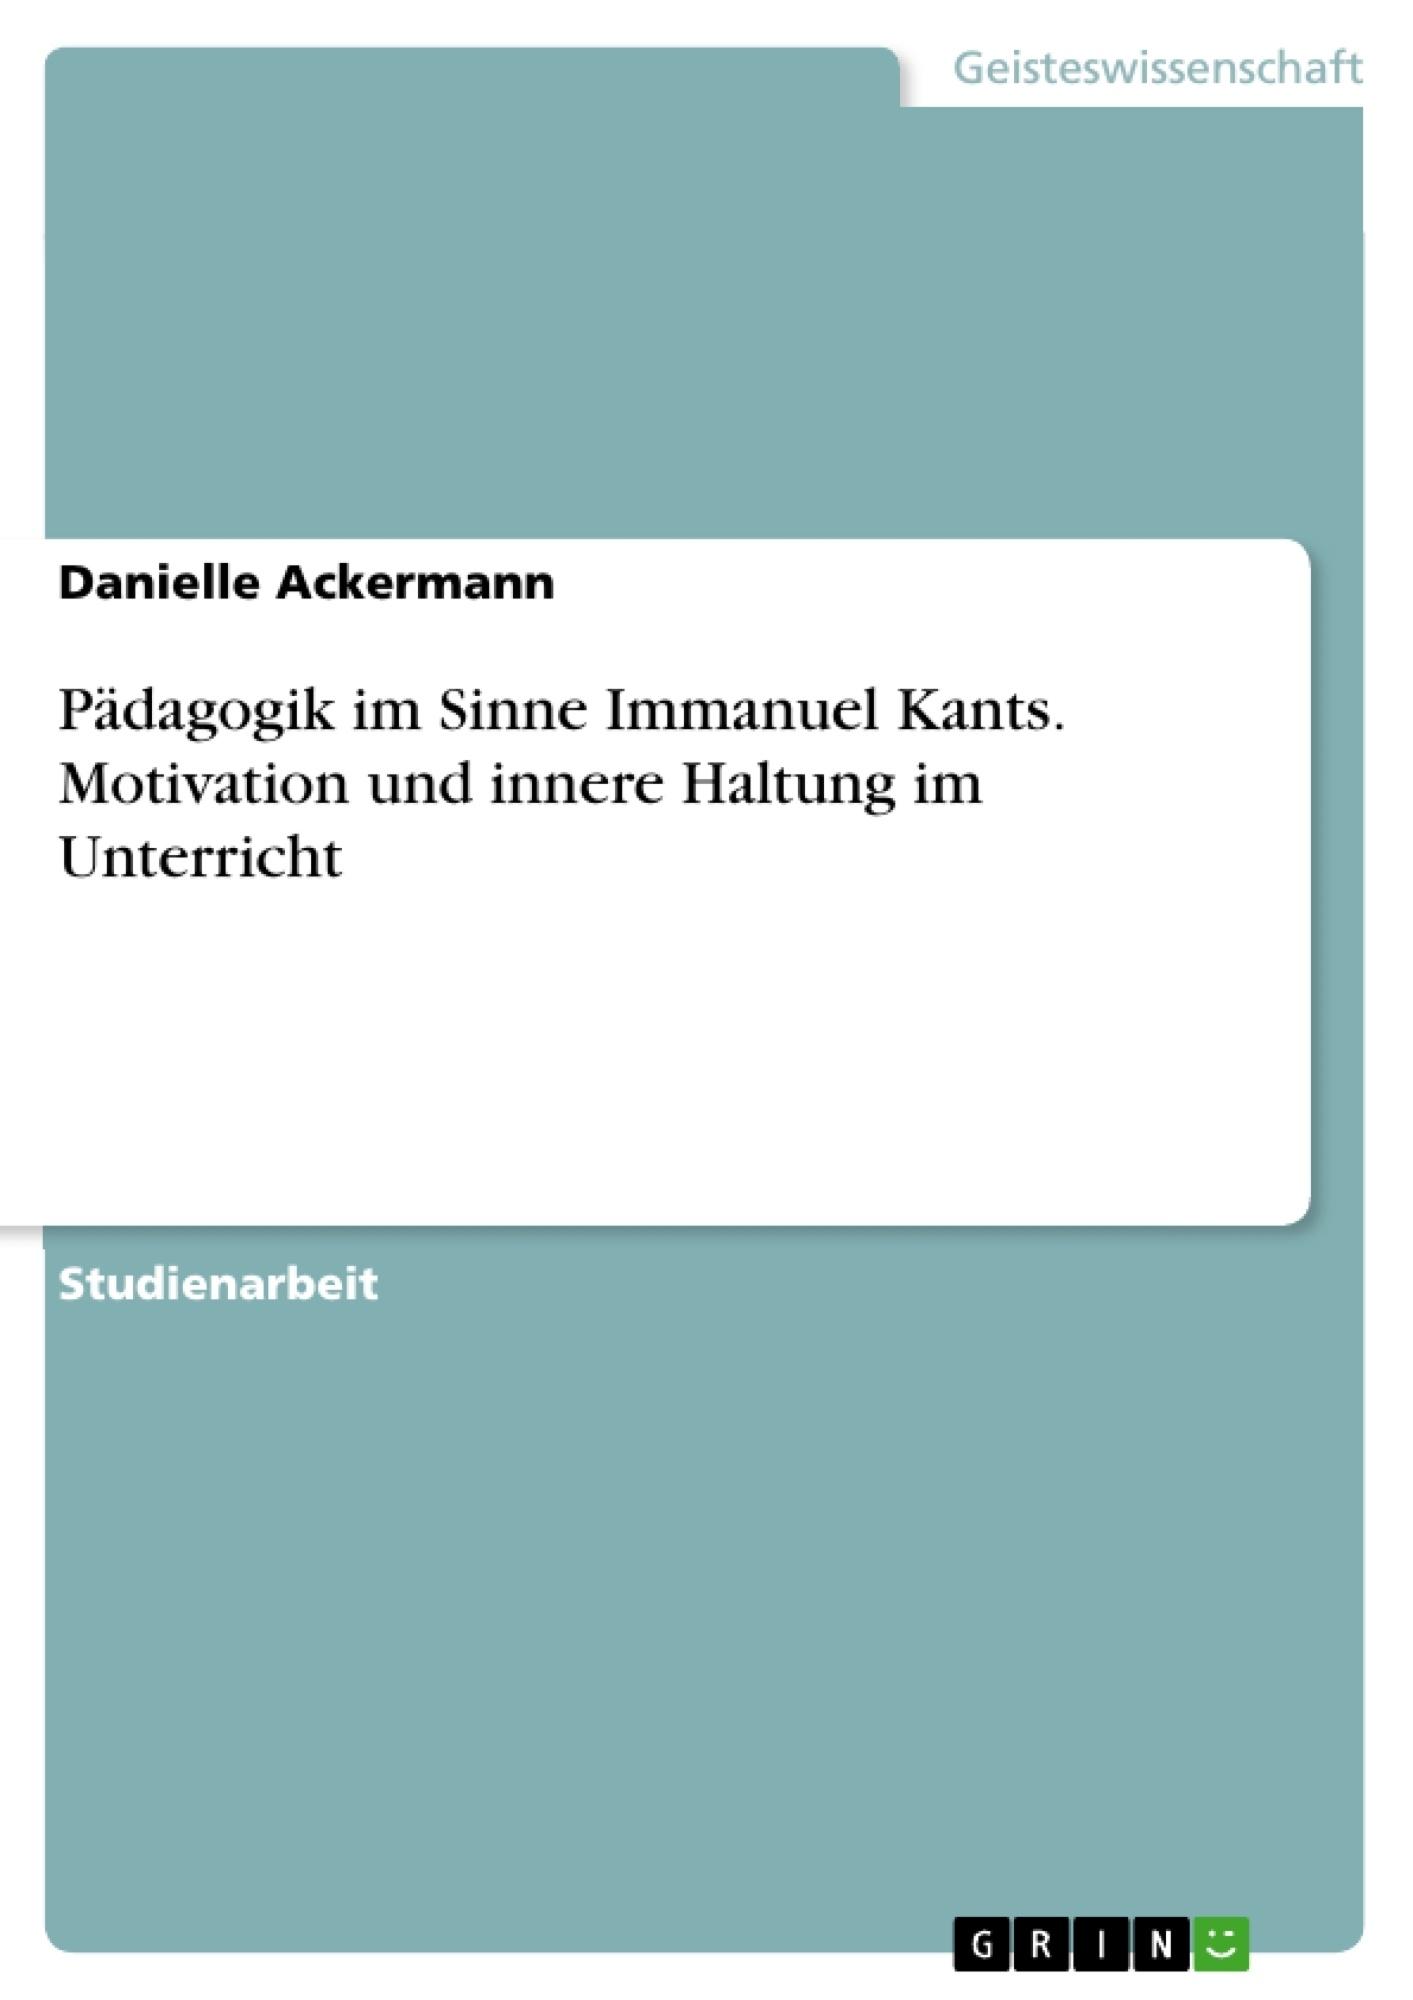 Titel: Pädagogik im Sinne Immanuel Kants. Motivation und innere Haltung im Unterricht